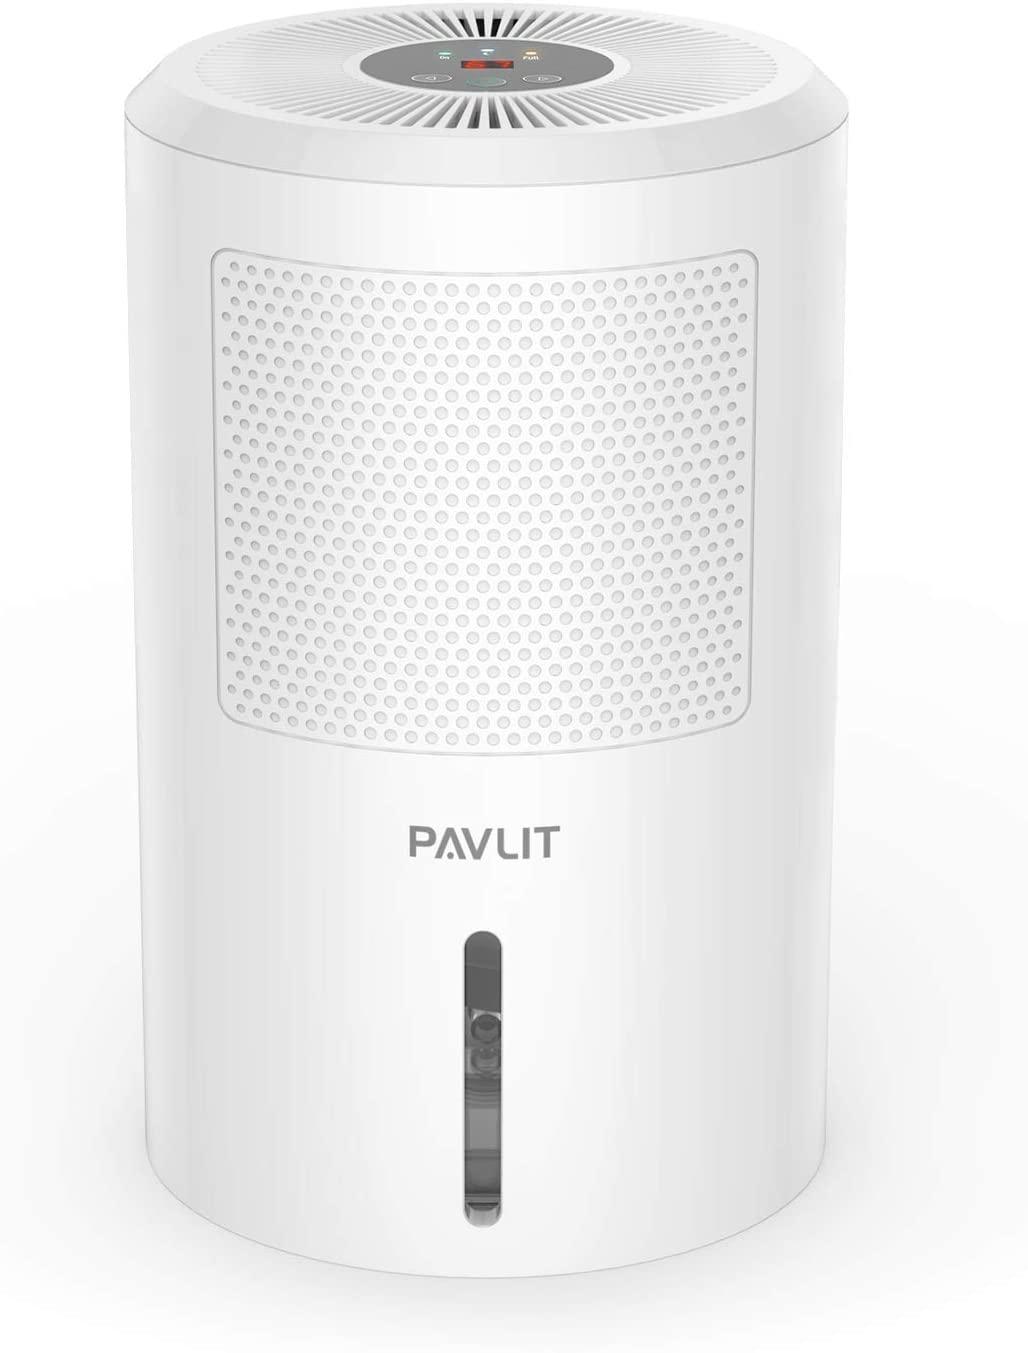 PAVLIT Deshumidificador Electrico, 1.8L Deshumidificador Portátil, Mini Deshumidificador con 60W Bajo Consumo, Silencioso y Auto-Apagado, Purifica Aire y Evitar Bactéria y Humedad para Hogar